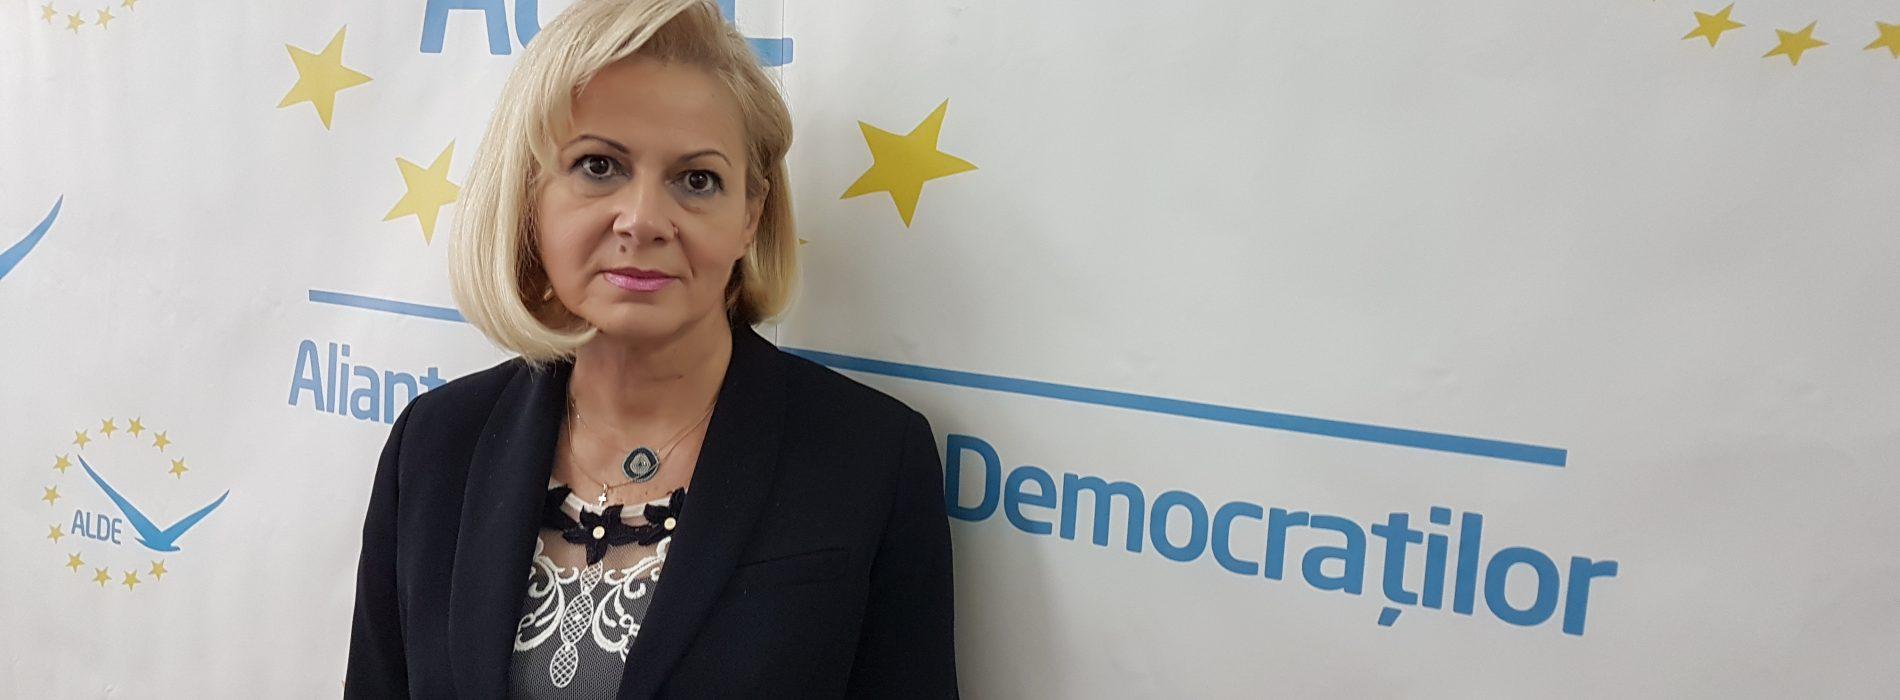 ALDE Maramureș: RAPORTUL ministrului JUSTIȚIEI, Tudorel Toader cu privire la DNA este BINE ARGUMENTAT